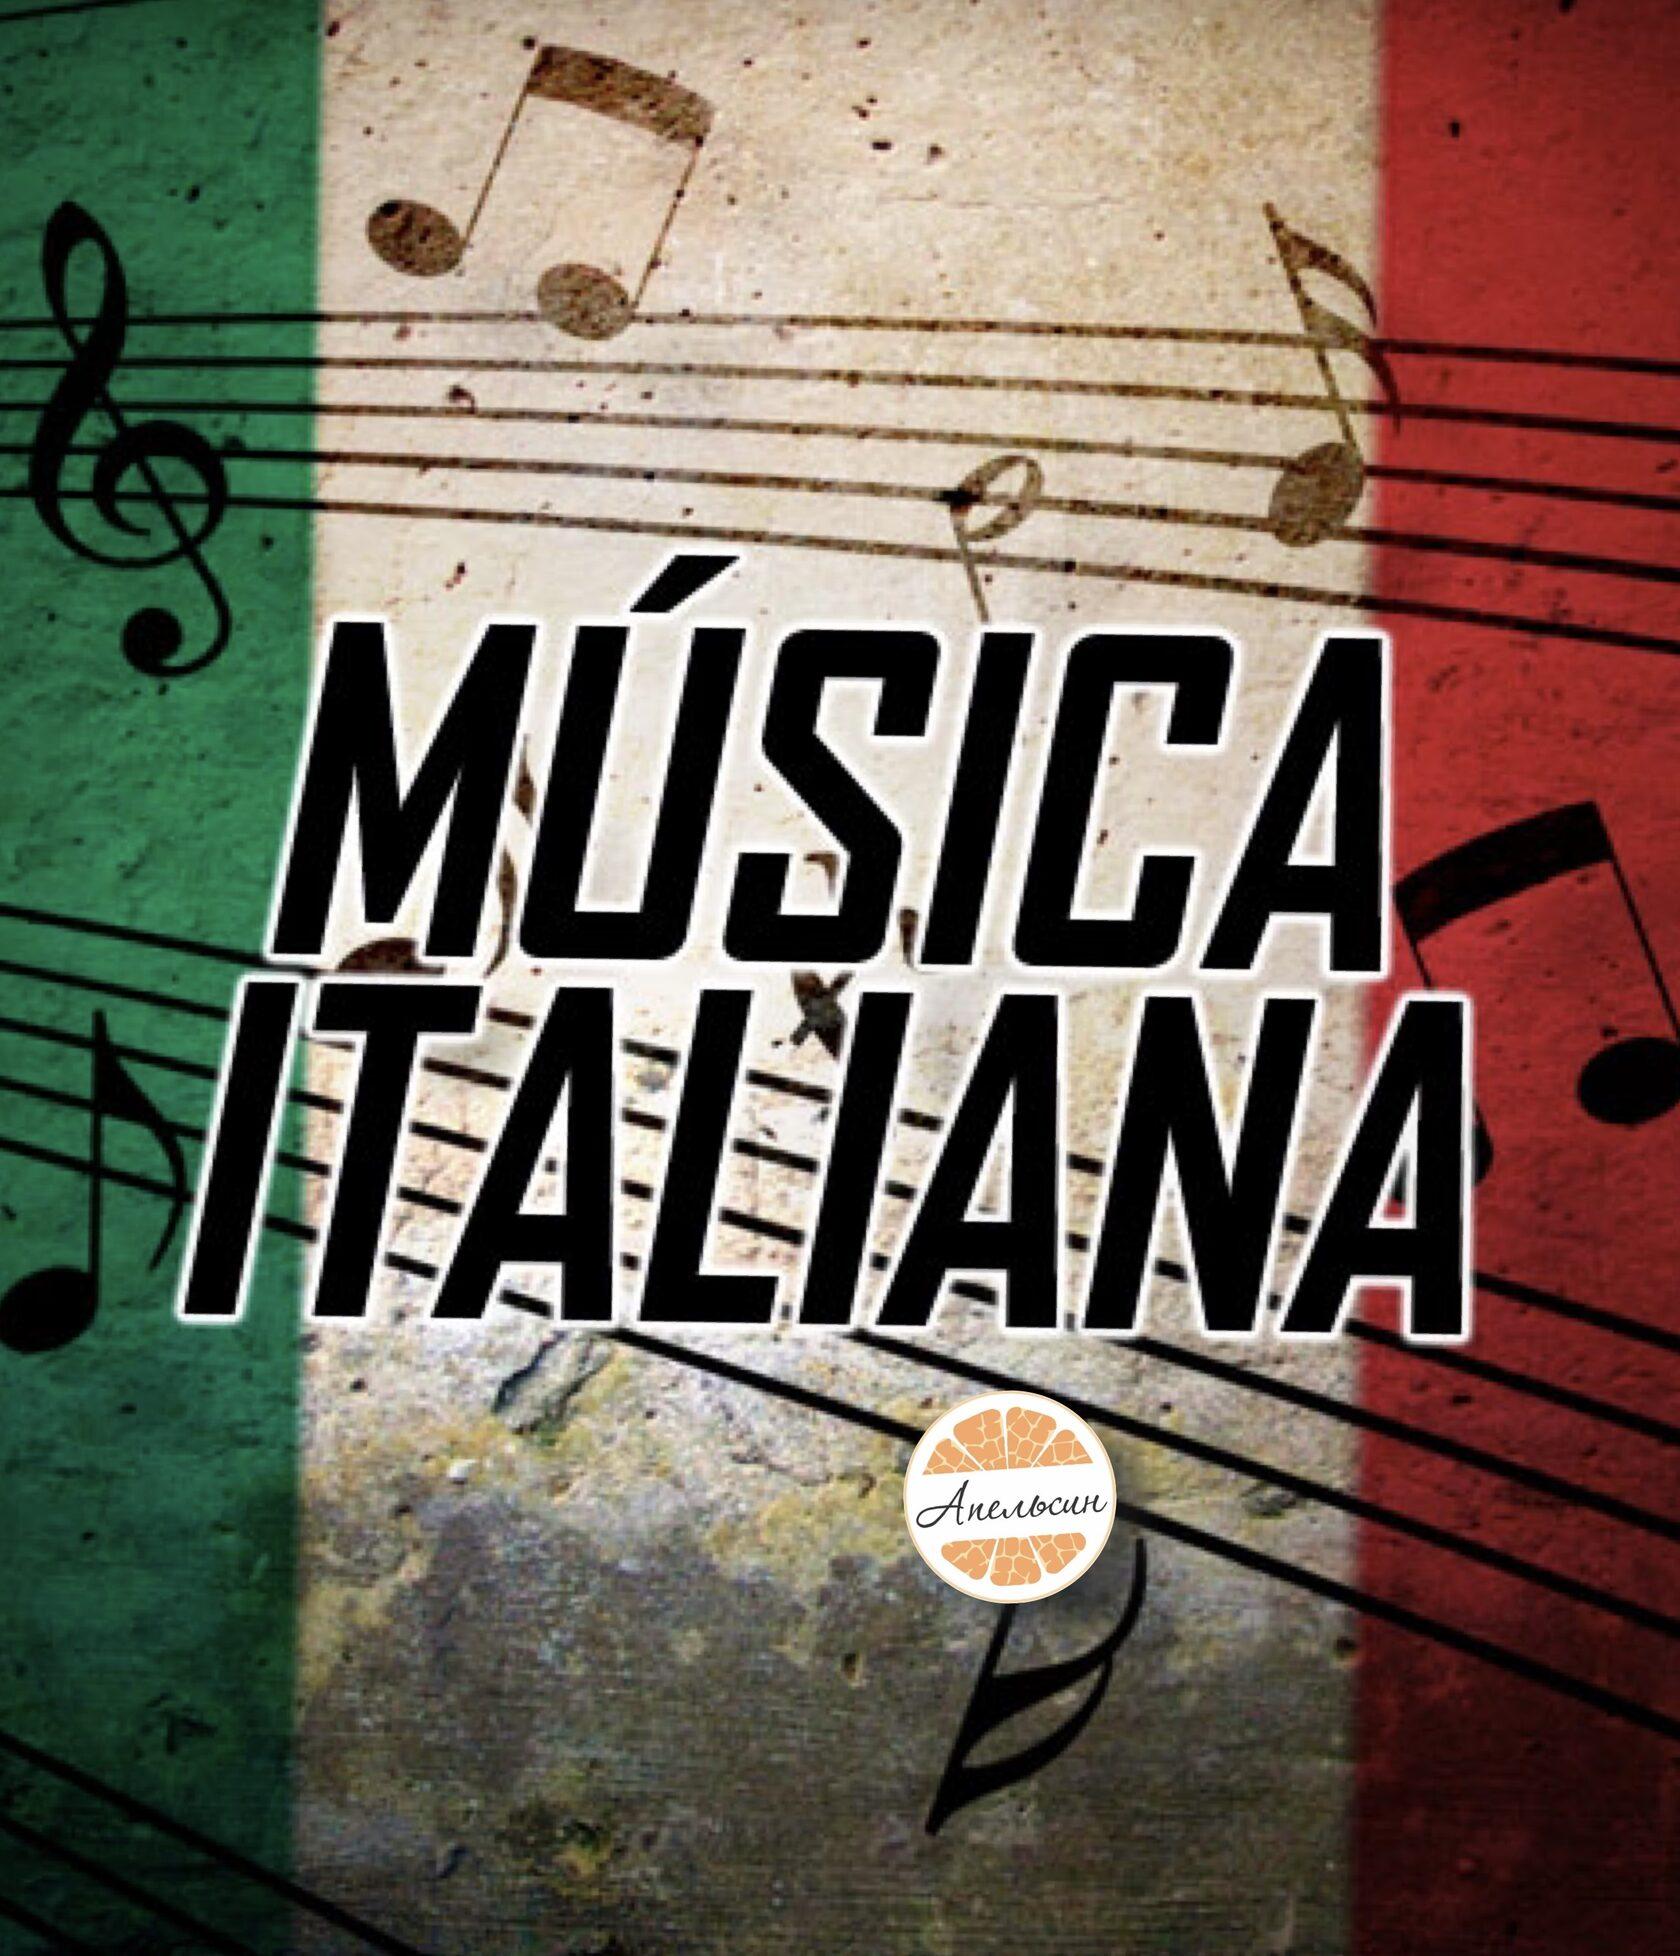 итальянская музыка к празднику в подарок, хорошее настроение, musica italiana, originalapelsin.ru